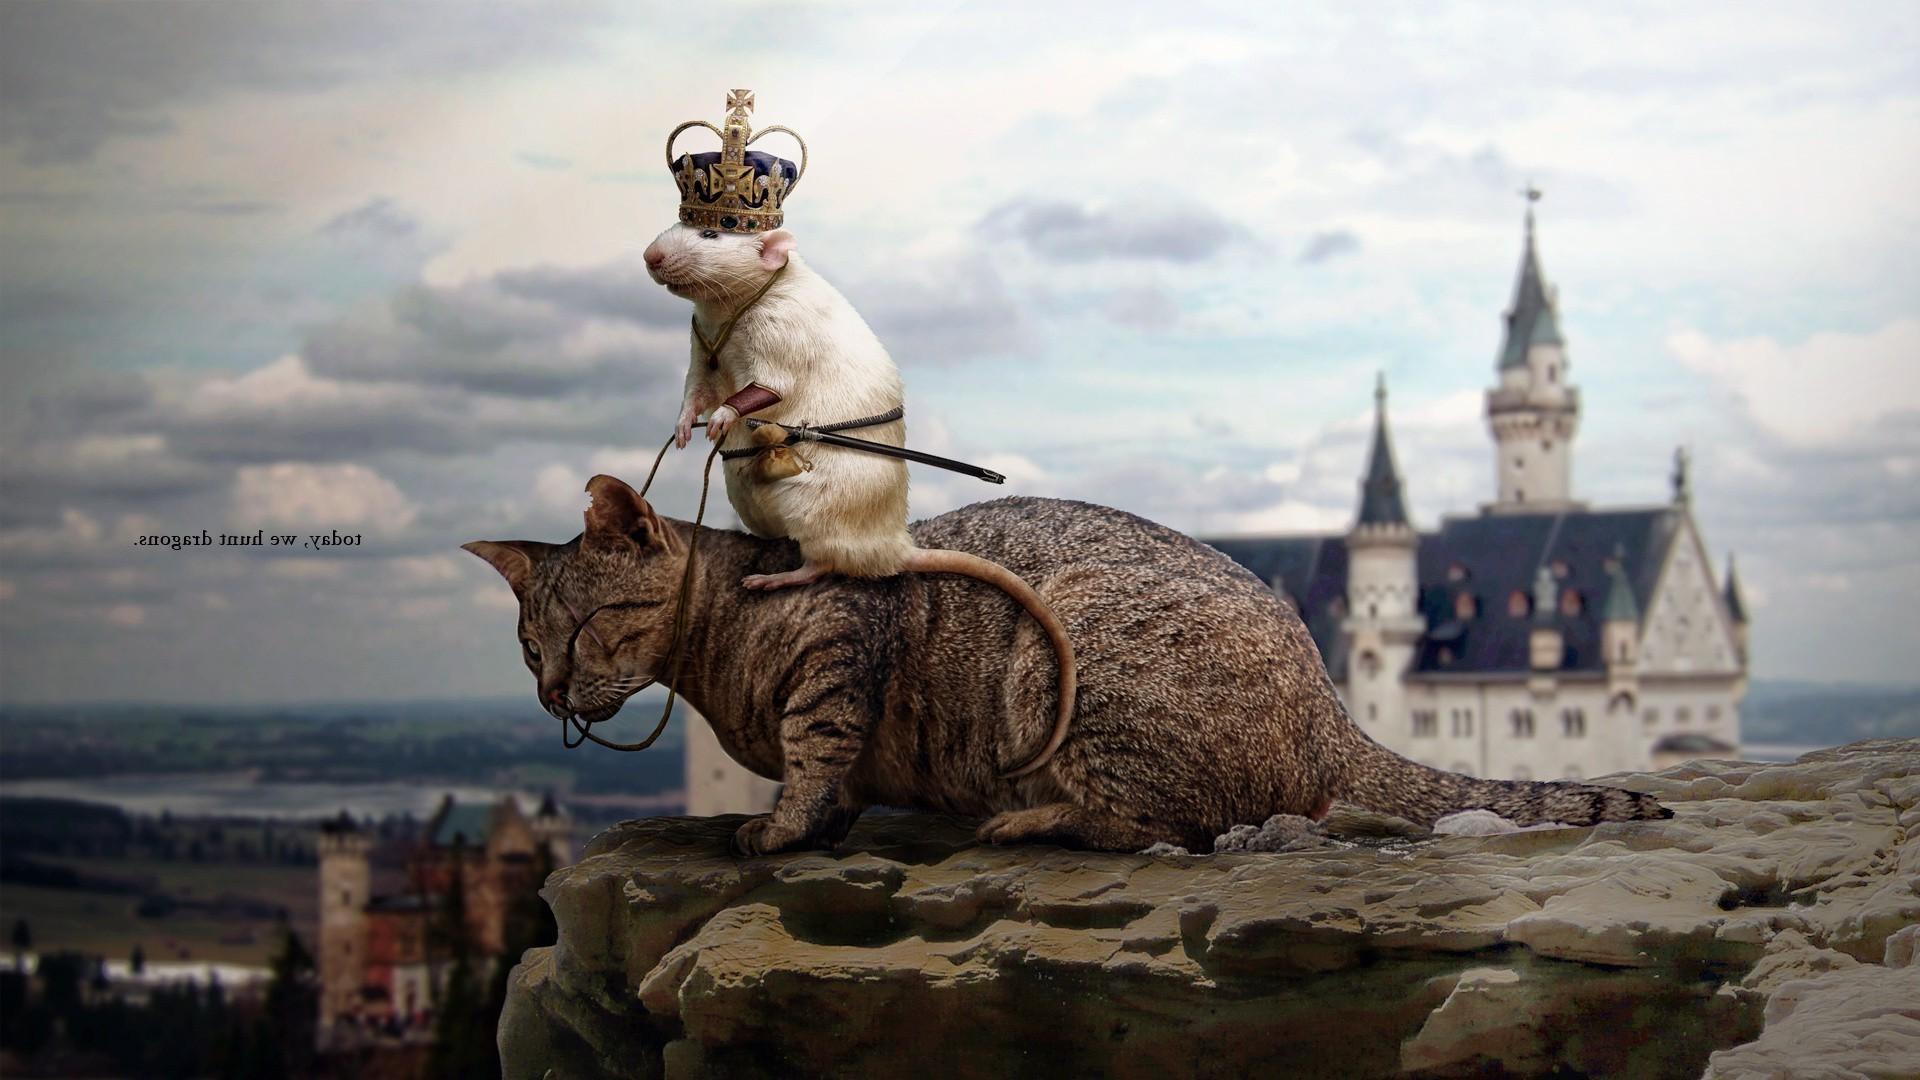 картинка кот с мышкой на голове самом